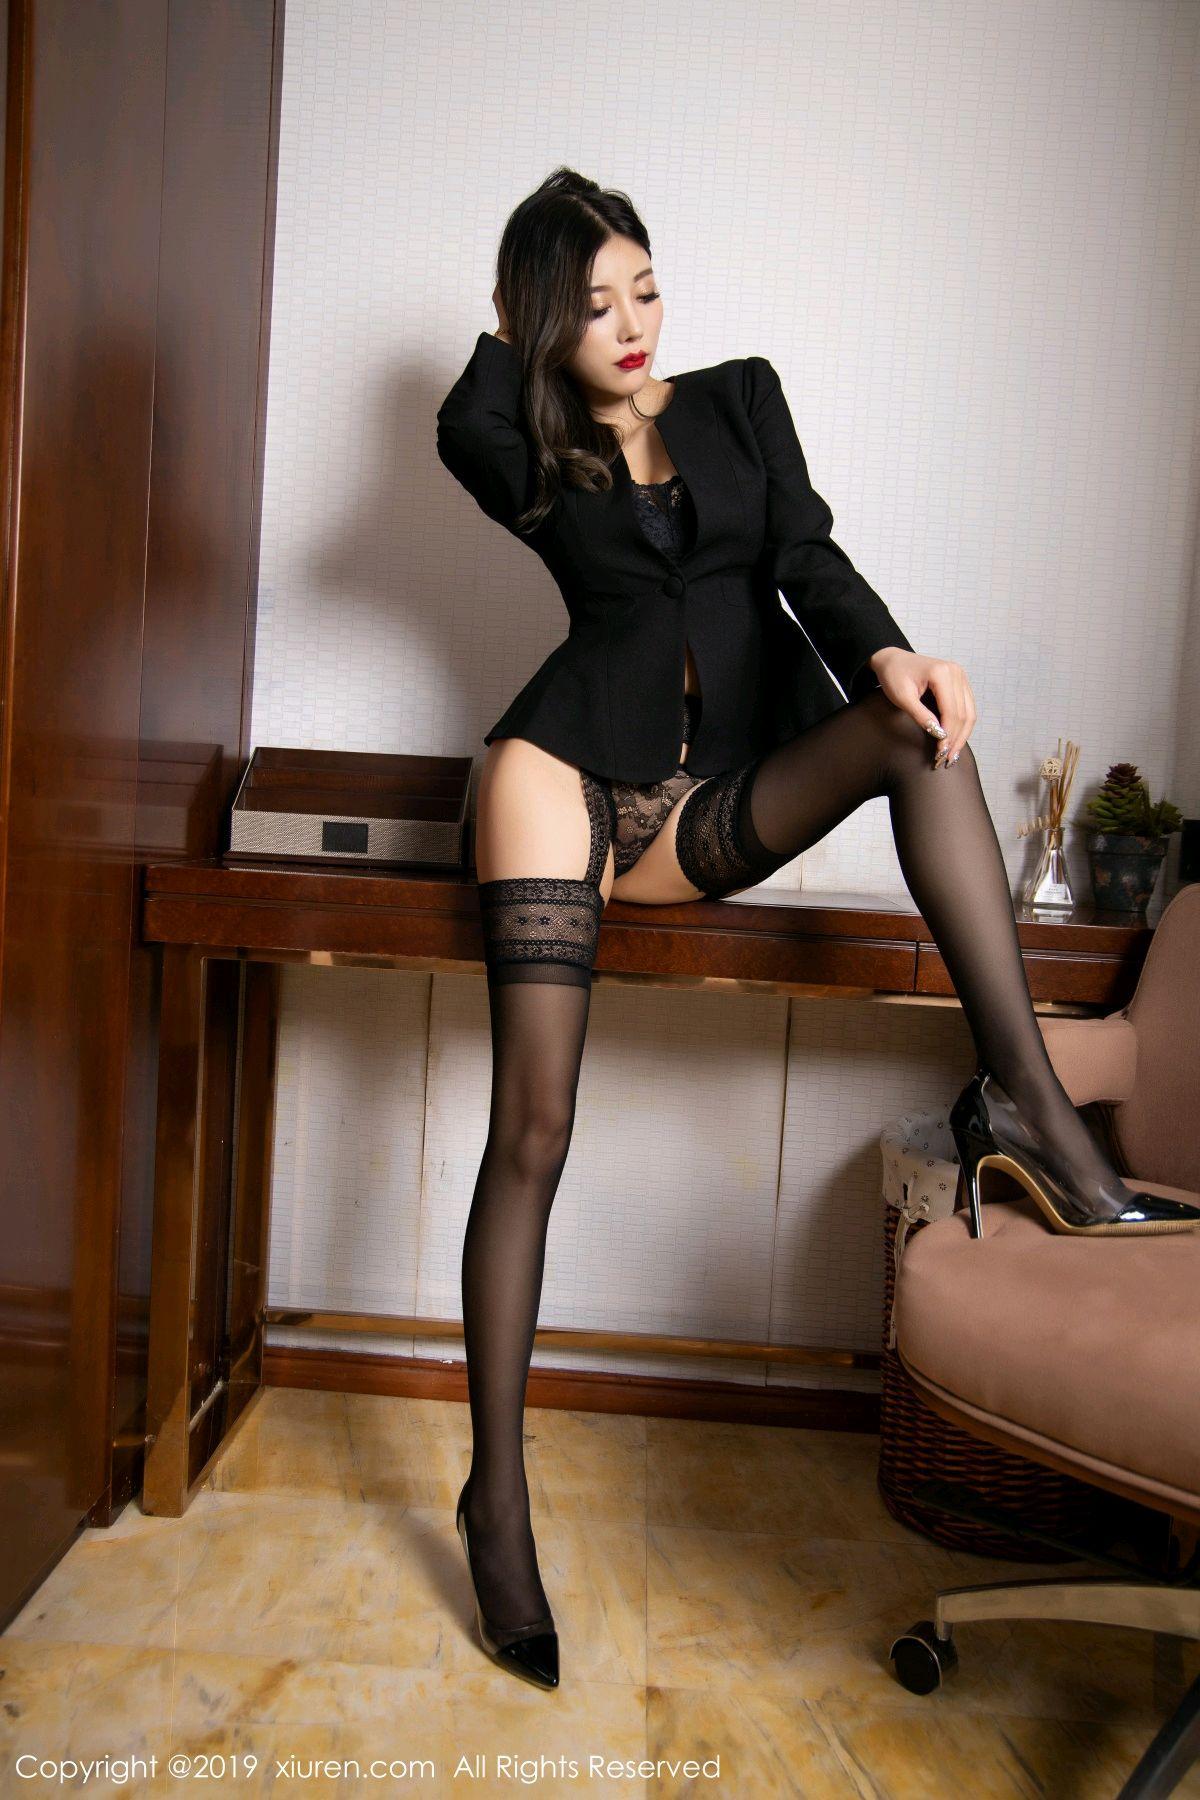 [XiaoYu] Vol.1633 Yang Chen Chen 14P, Black Silk, Tall, Uniform, XiaoYu, Yang Chen Chen